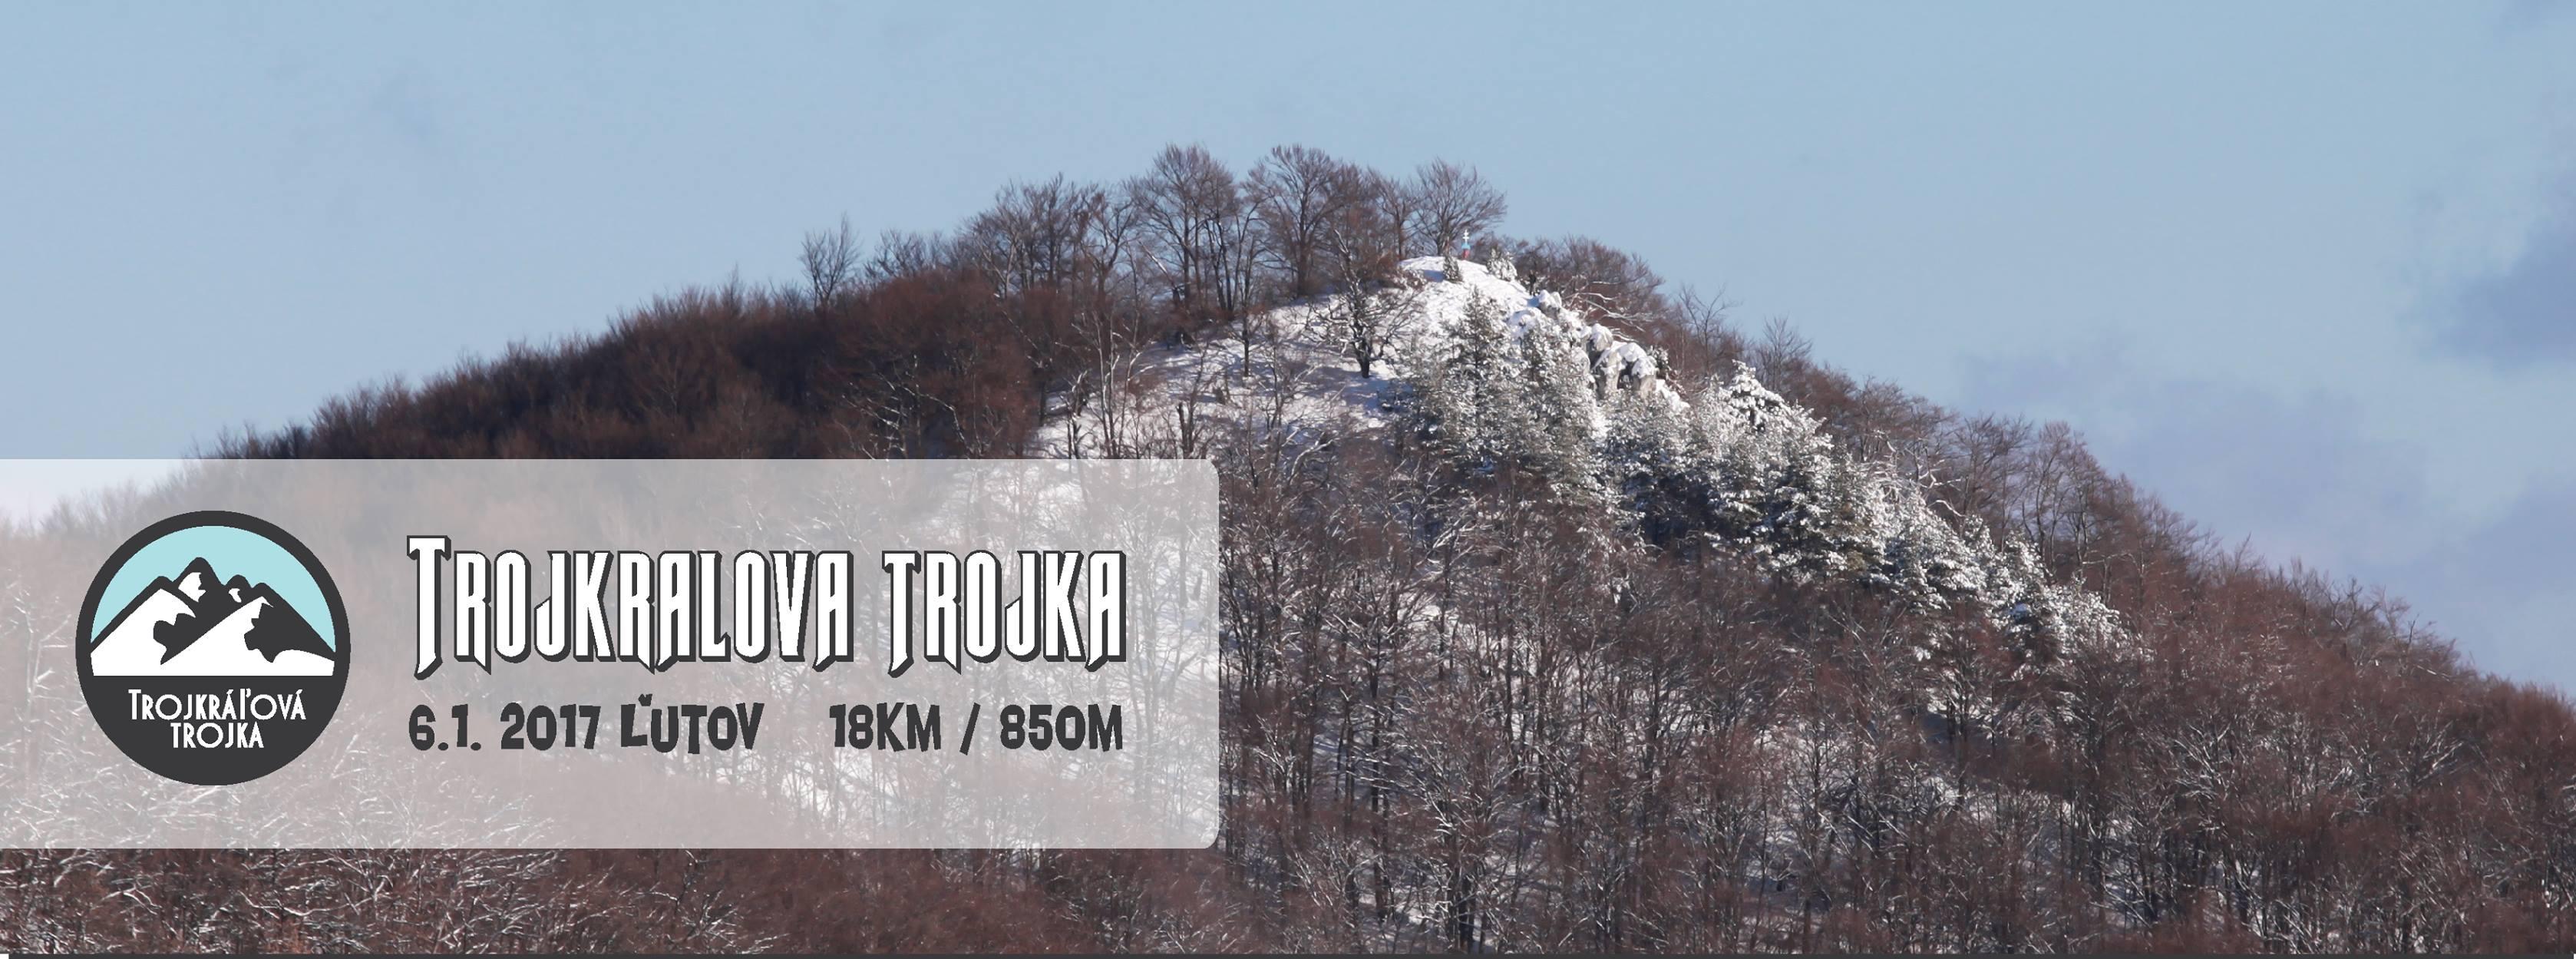 Expresky z hôr 43 - Trojkráľová Trojka 2017, zdroj: FB page Výživná Štvorka